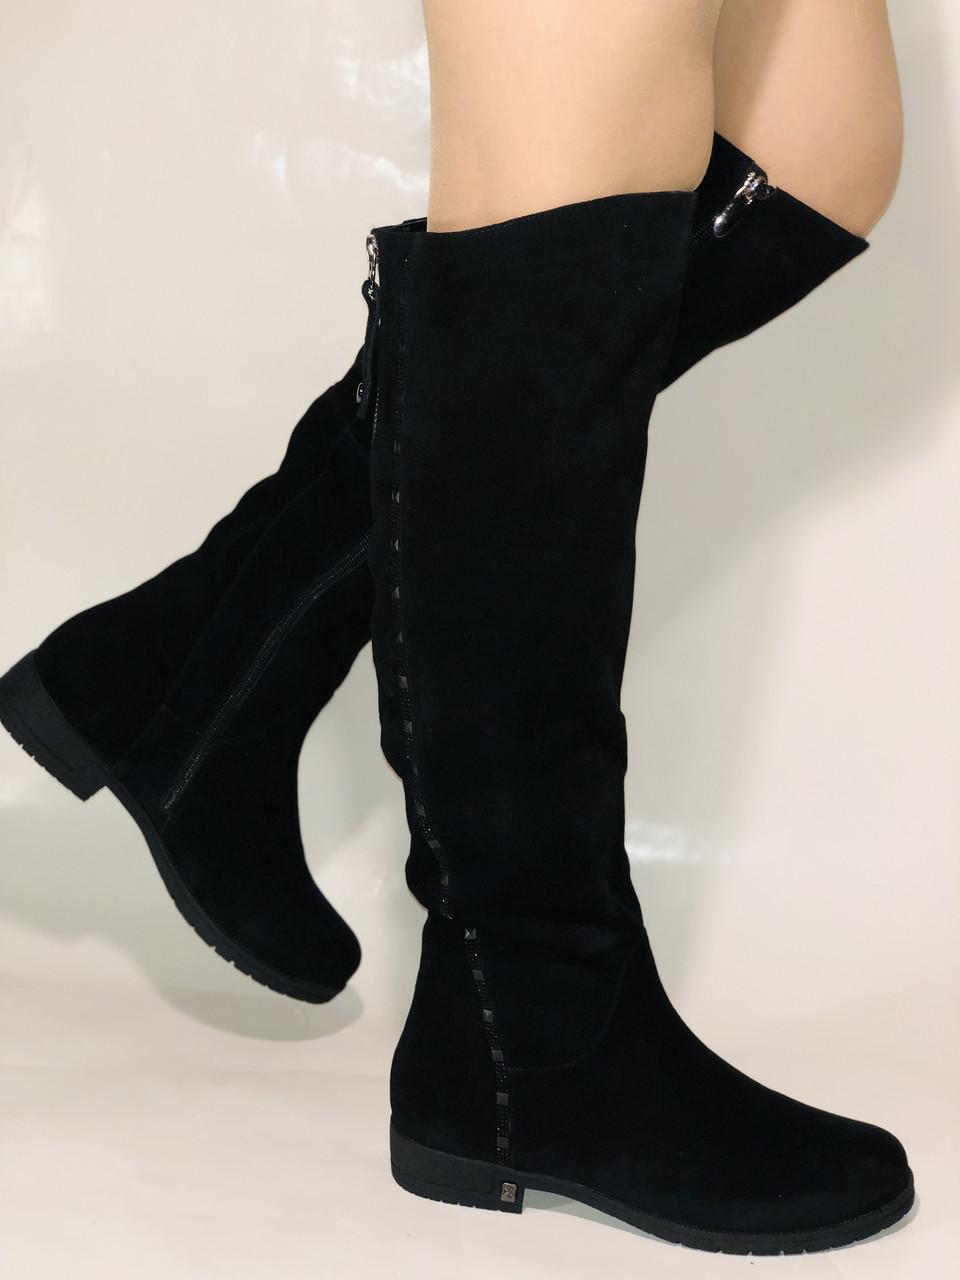 Натуральне хутро.Зимові чоботи-ботфорти на низькому каблуці. Натуральна шкіра. Люкс якість. Molka. Р. 36-40.